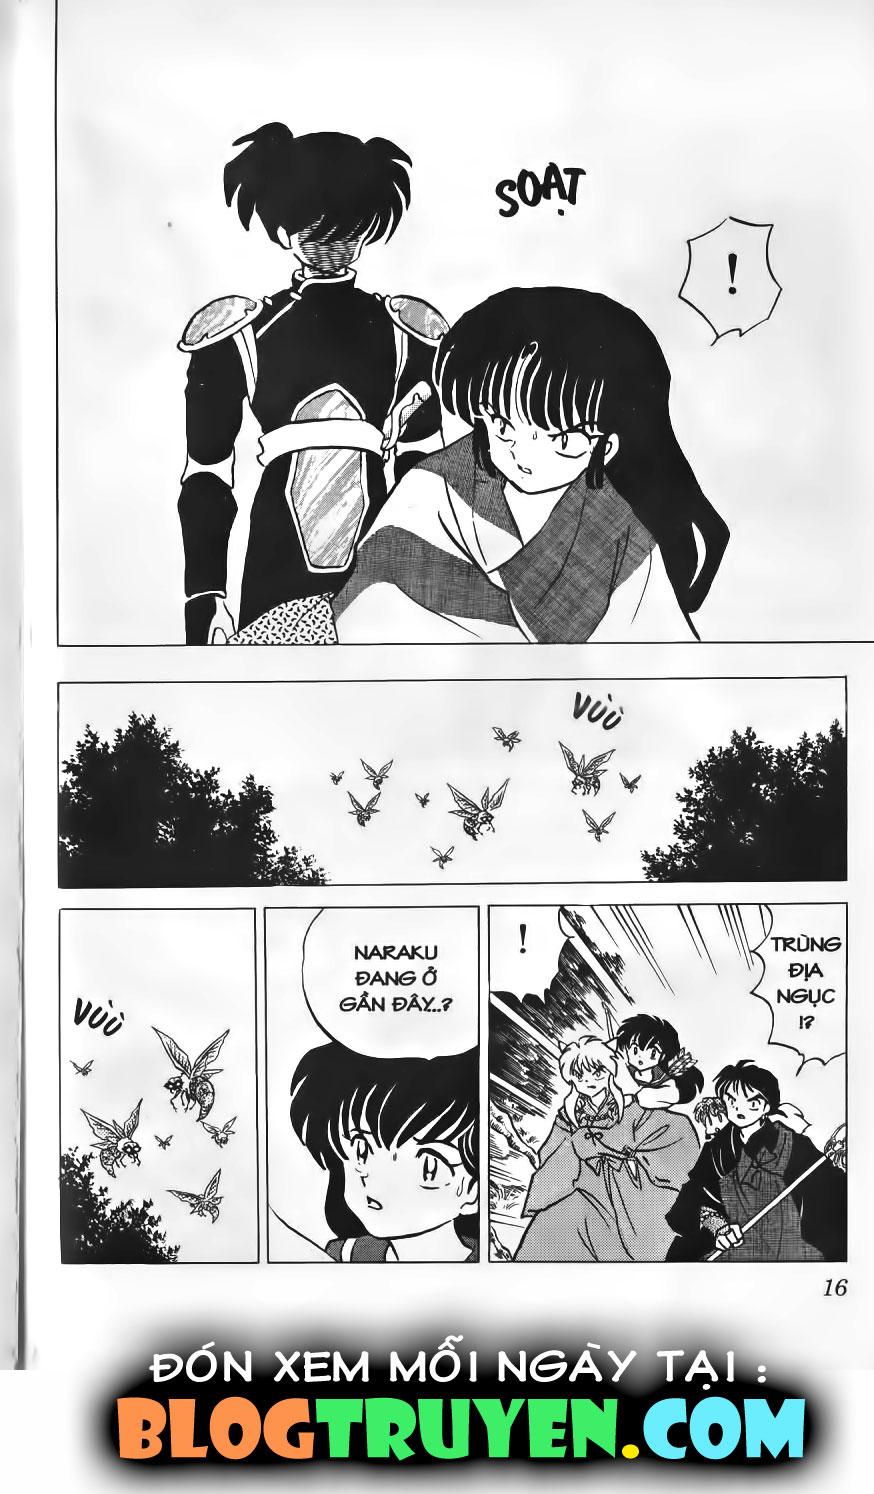 Inuyasha vol 12.1 trang 16